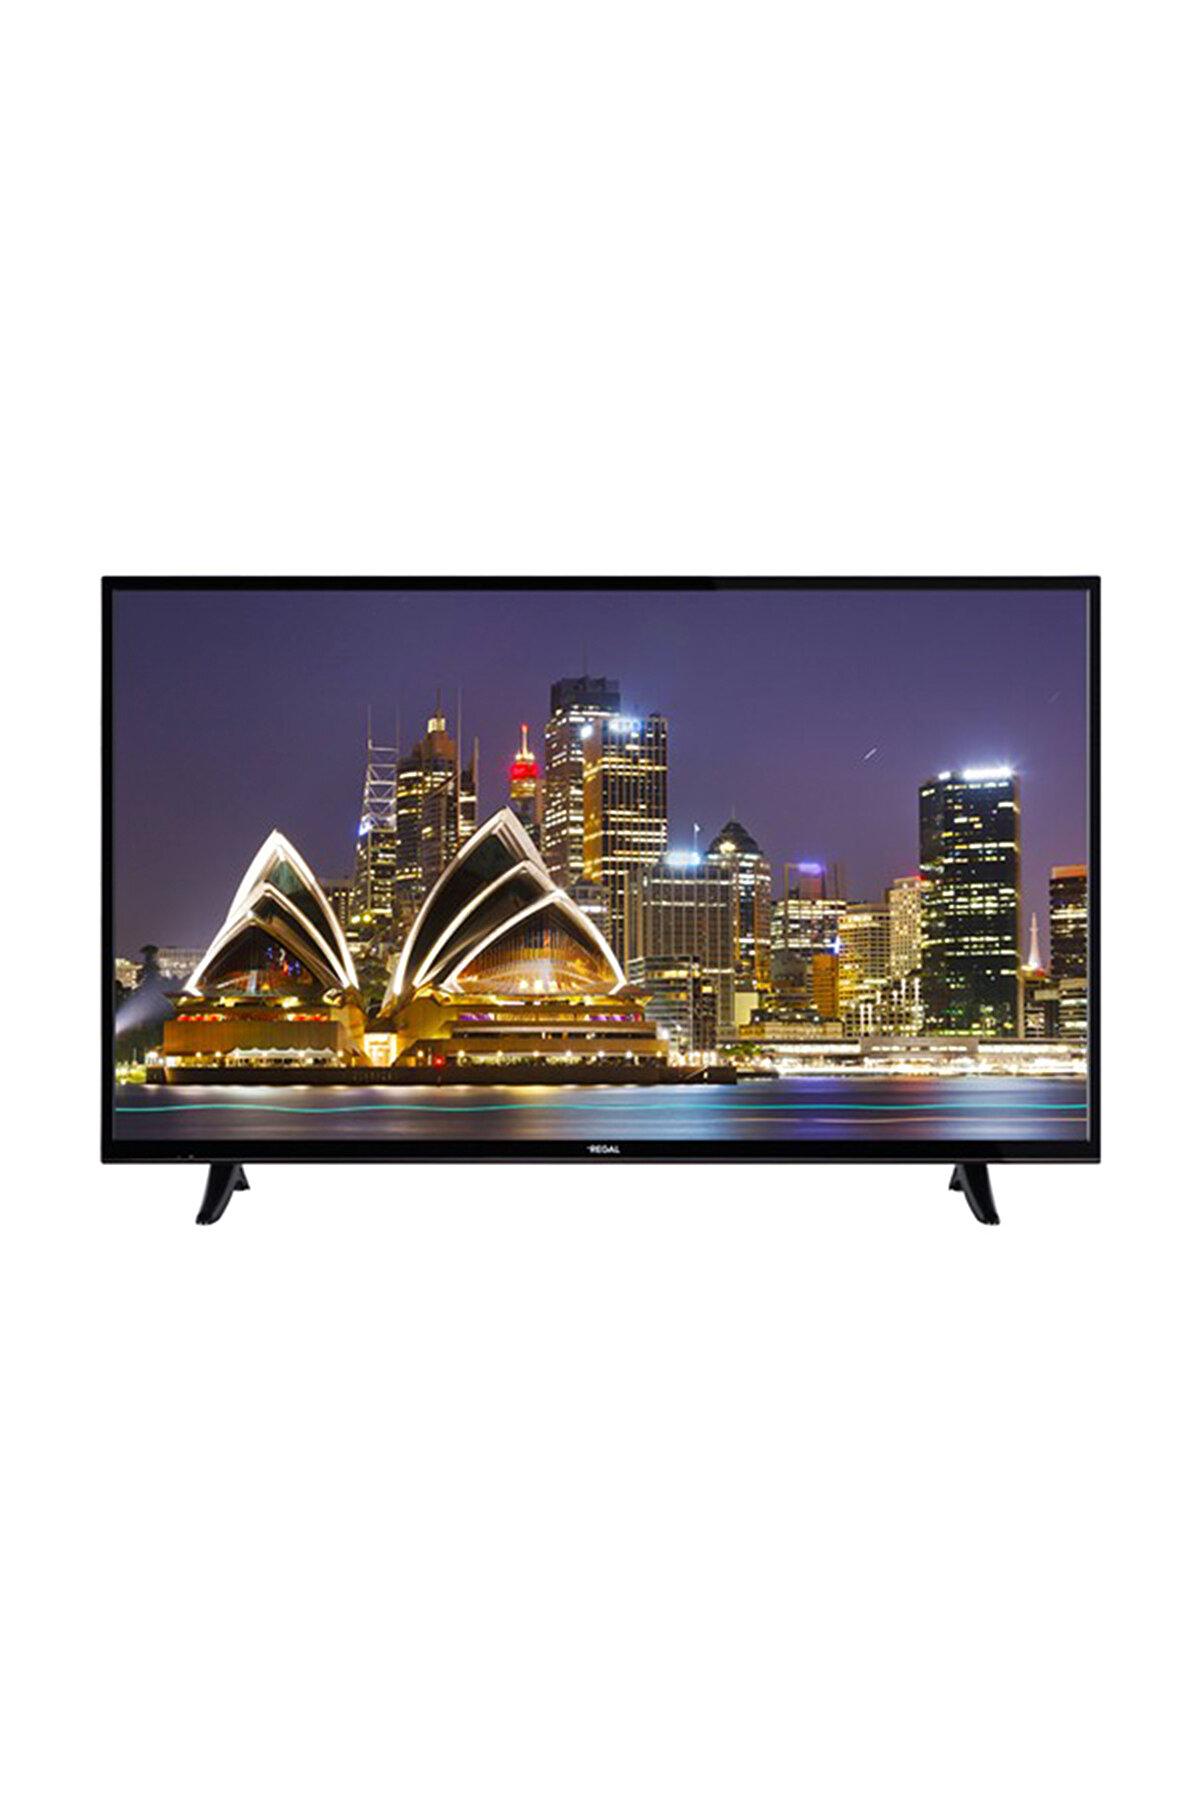 """Regal 40R5020U 40"""" 101 Ekran Uydu Alıcılı 4K Ultra HD TV"""